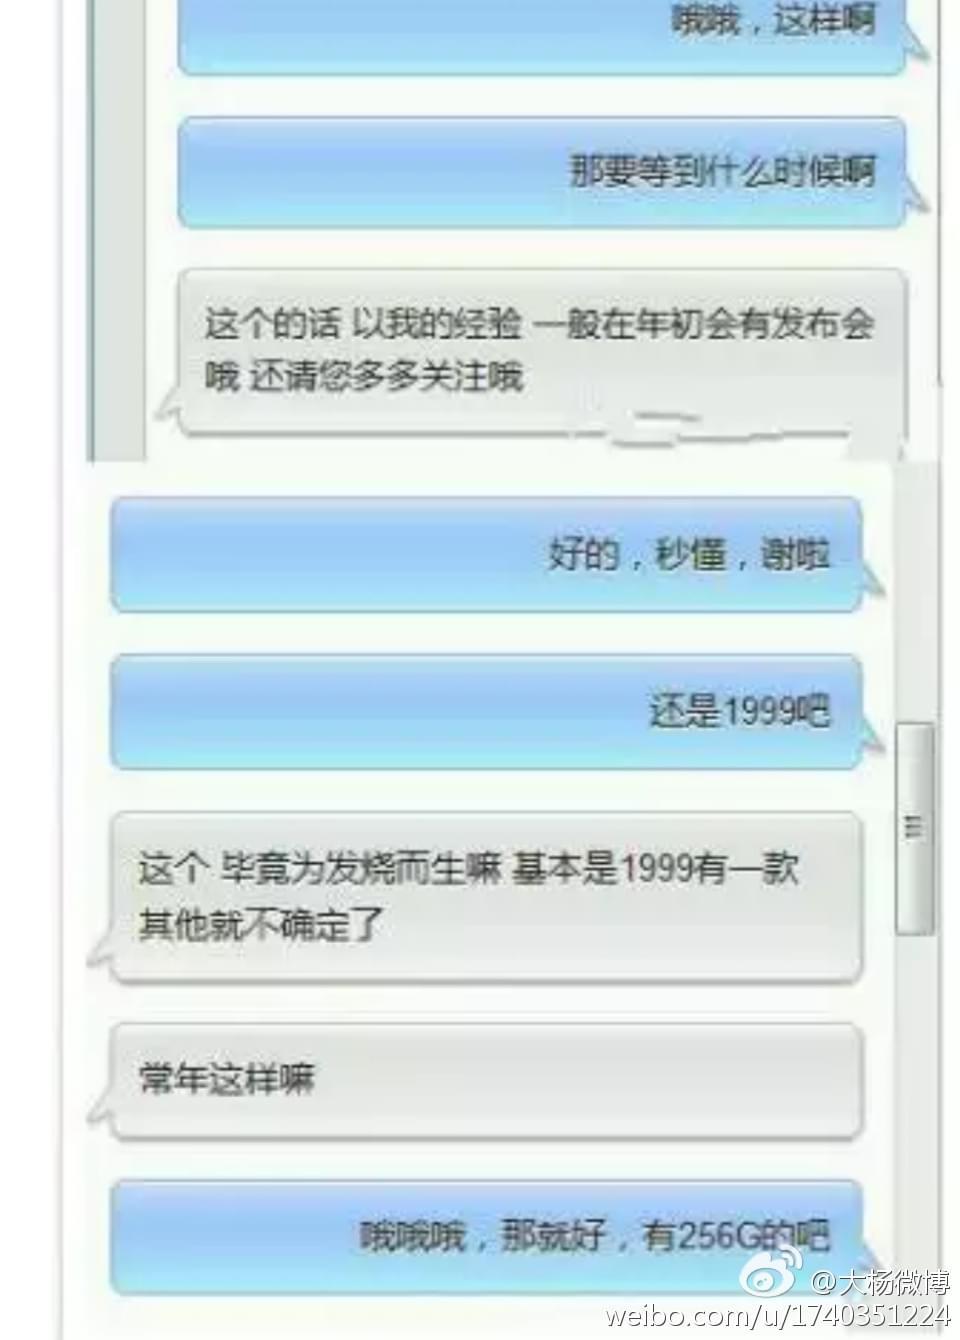 网曝小米6依旧1999元起步:抢购还要继续的照片 - 3